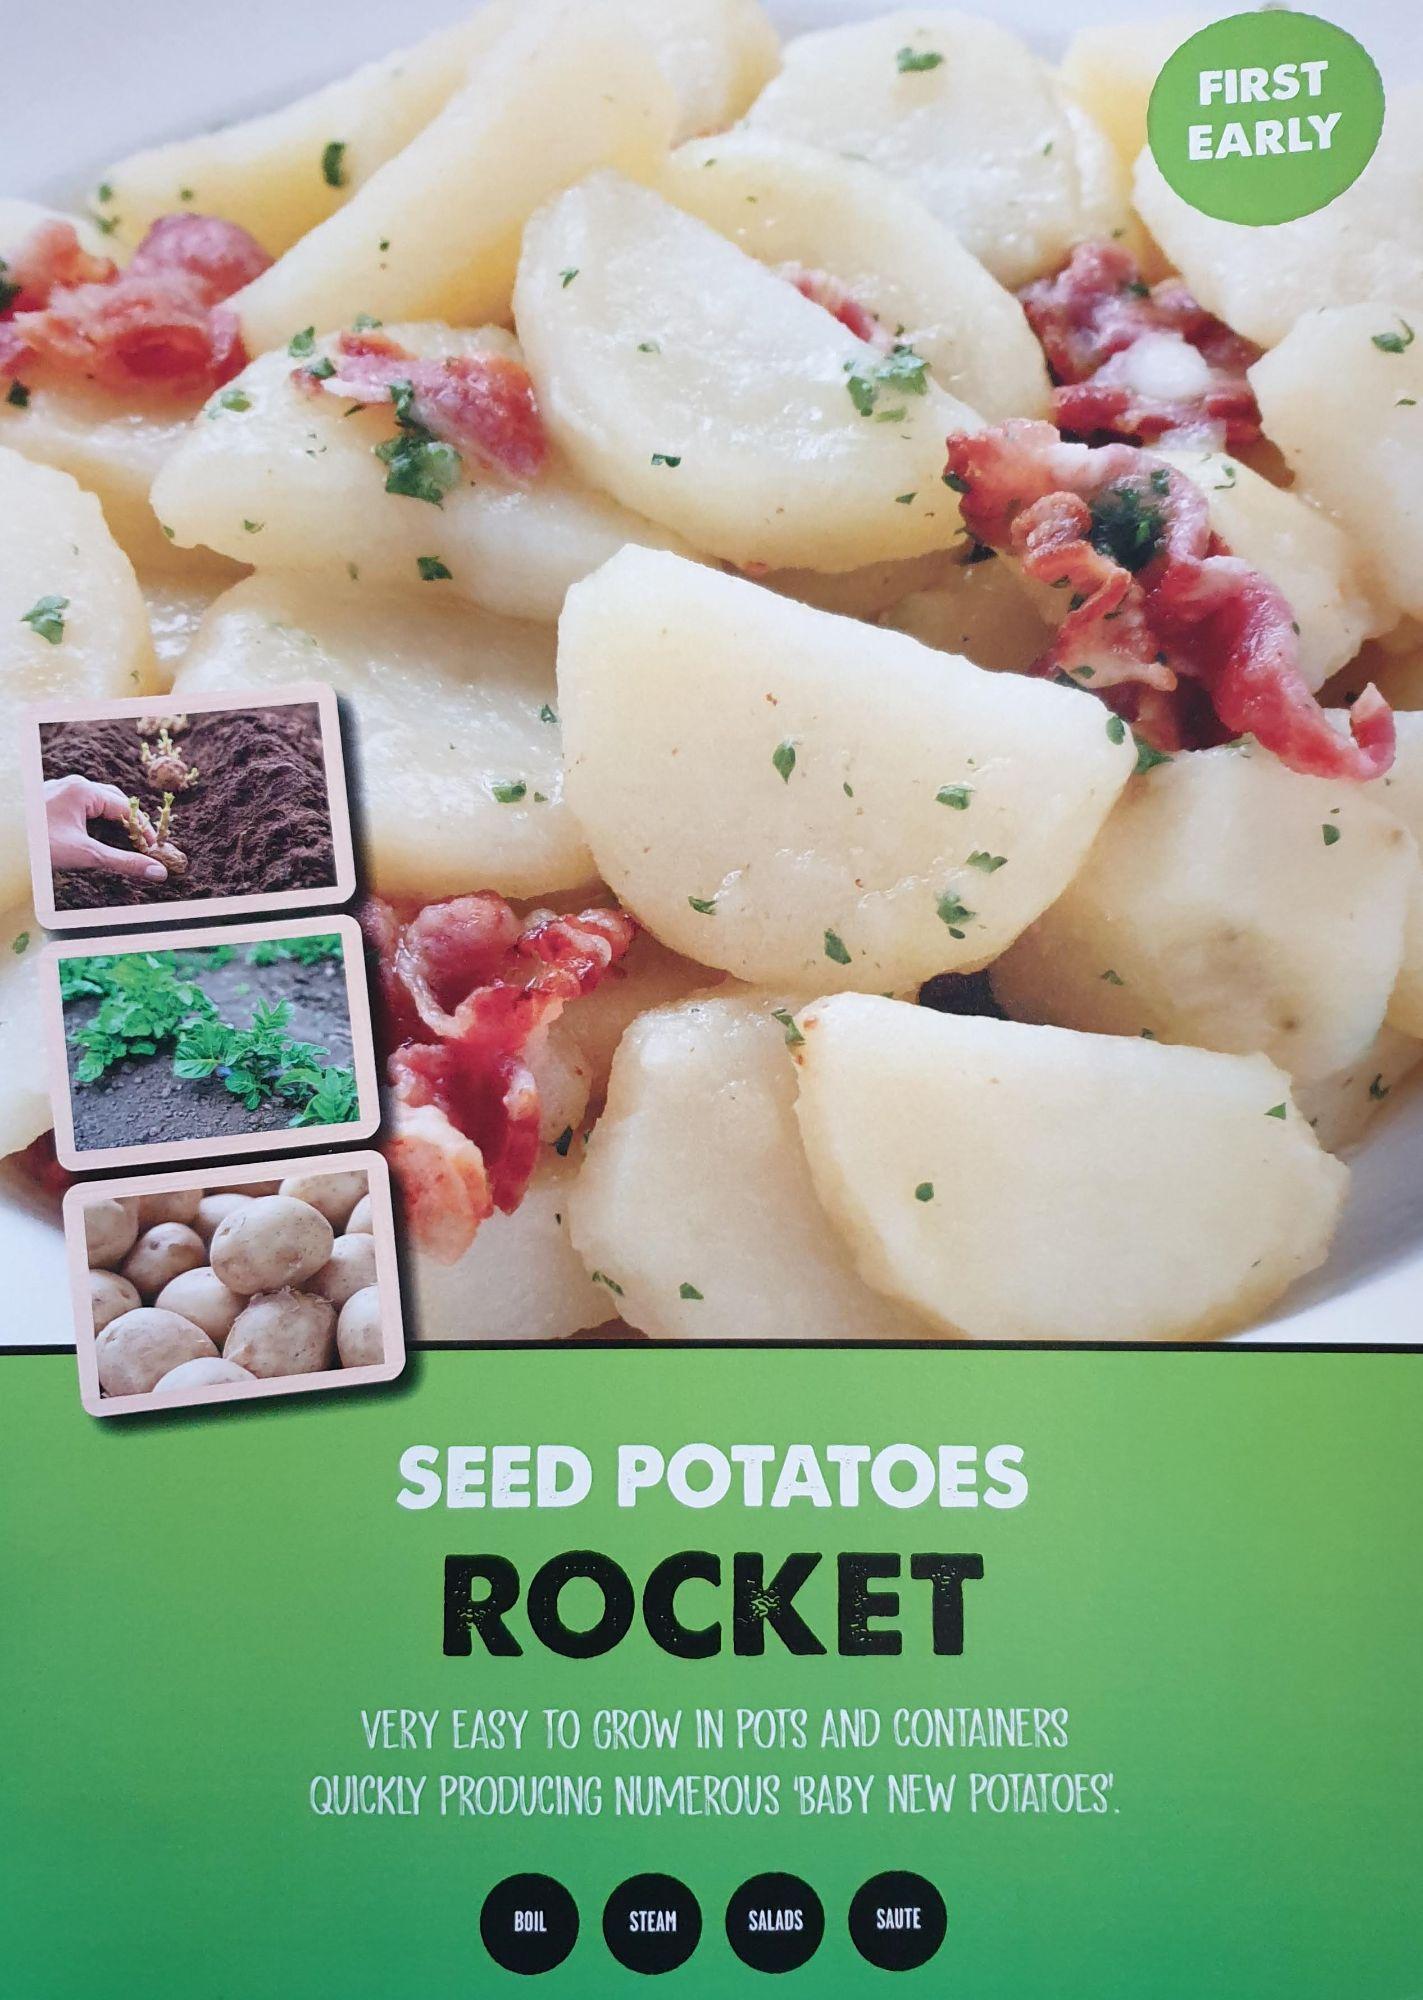 rocket_seed_potato_info.jpg